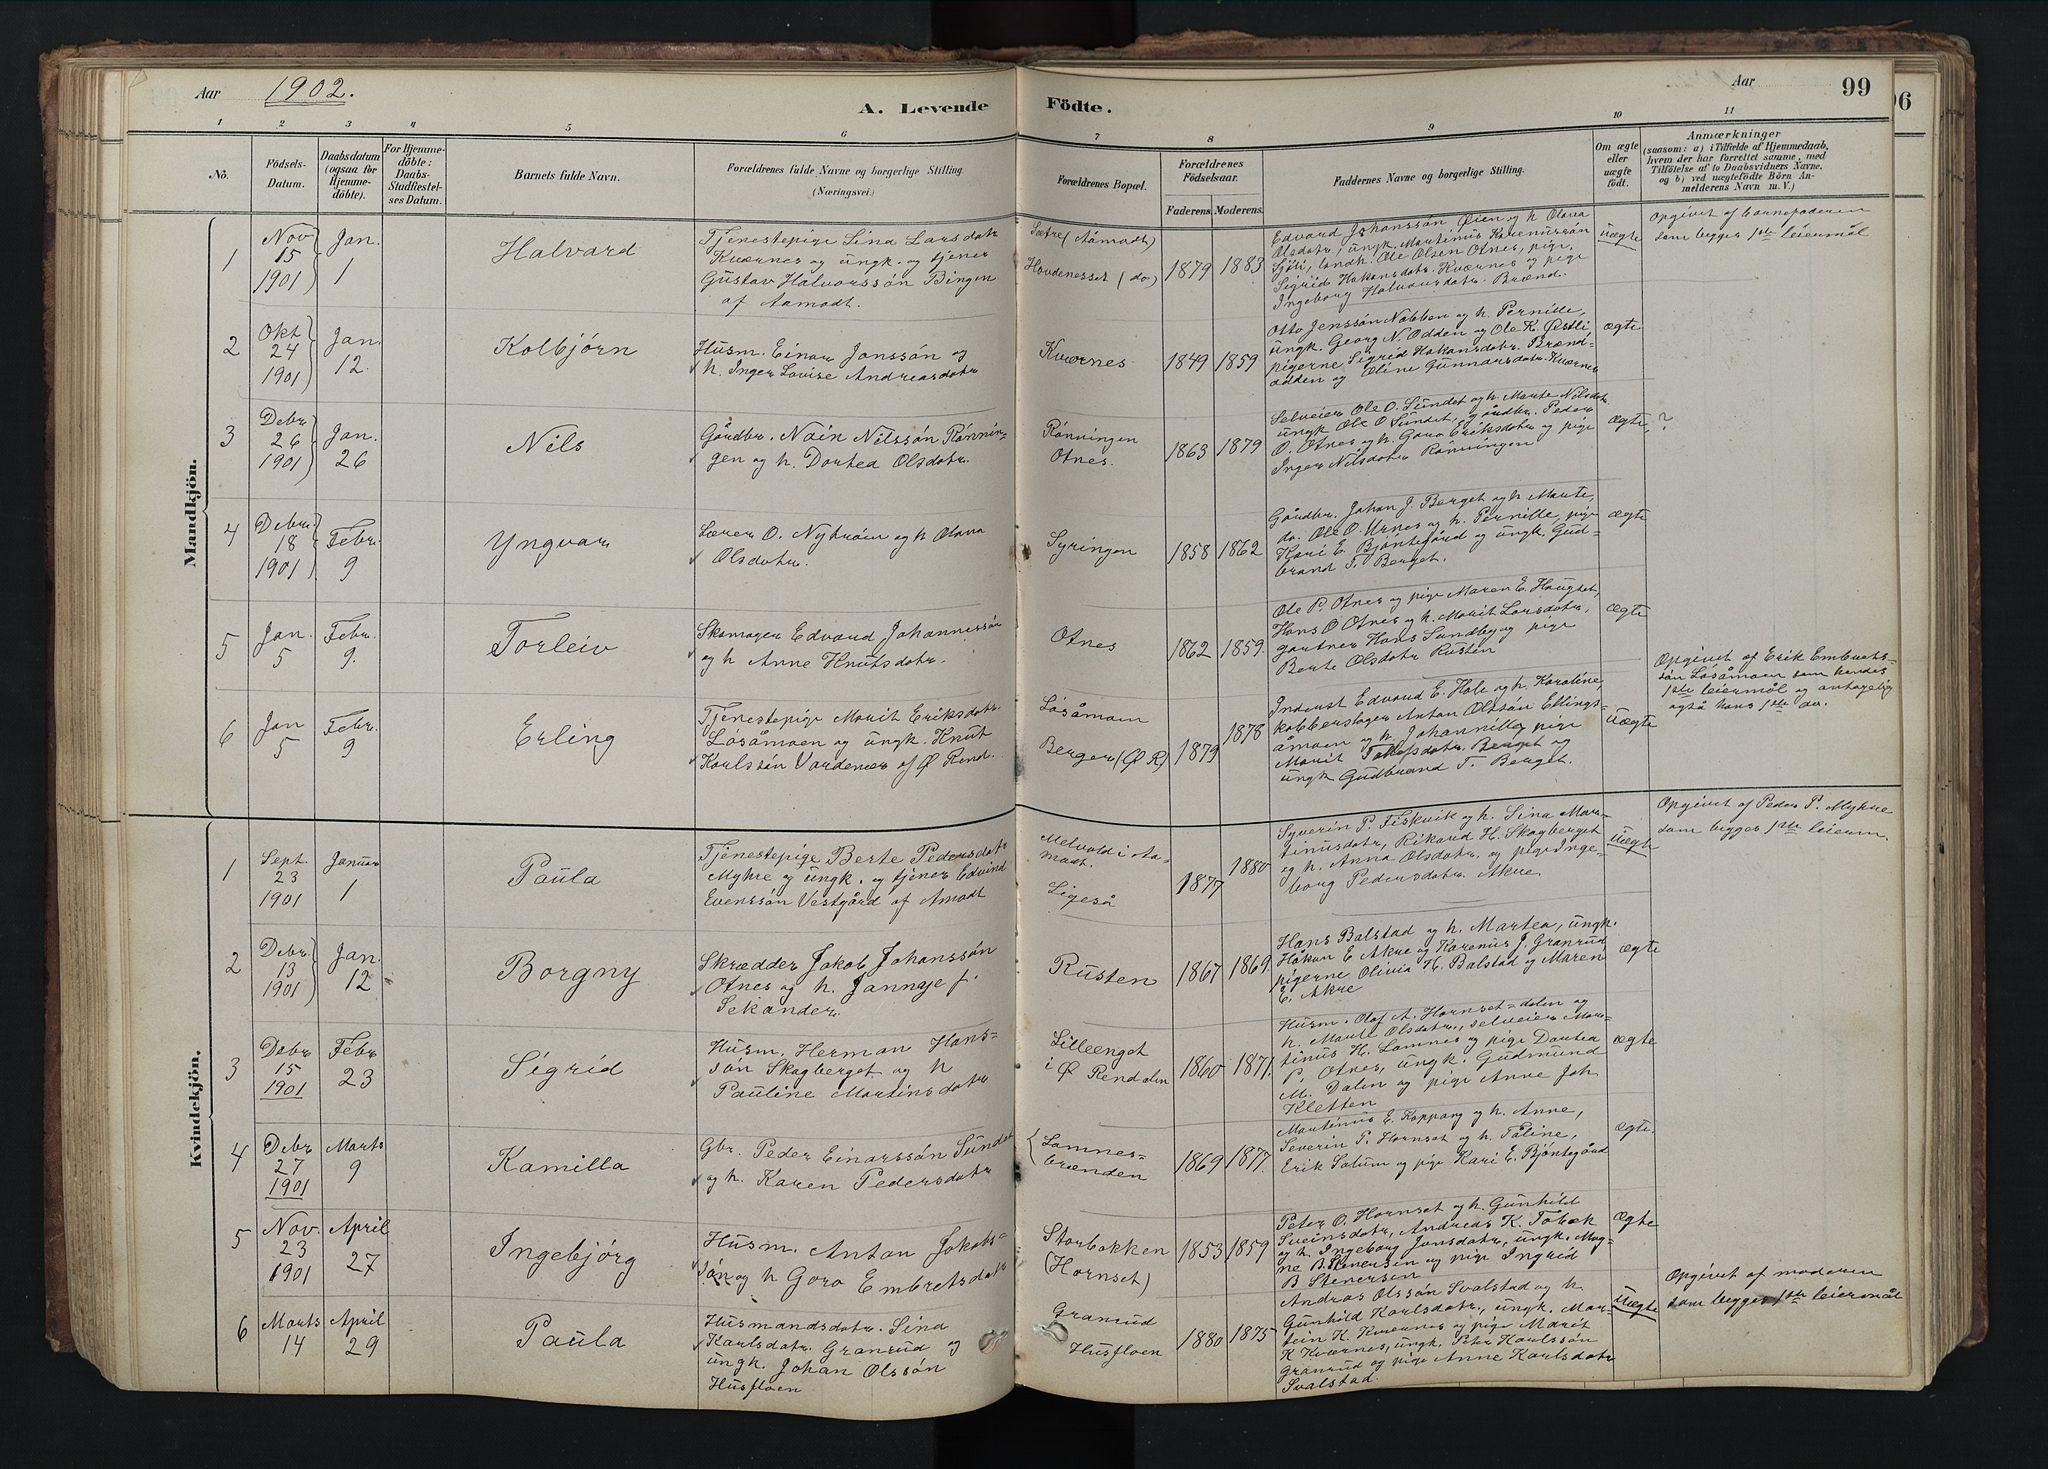 SAH, Rendalen prestekontor, H/Ha/Hab/L0009: Klokkerbok nr. 9, 1879-1902, s. 99